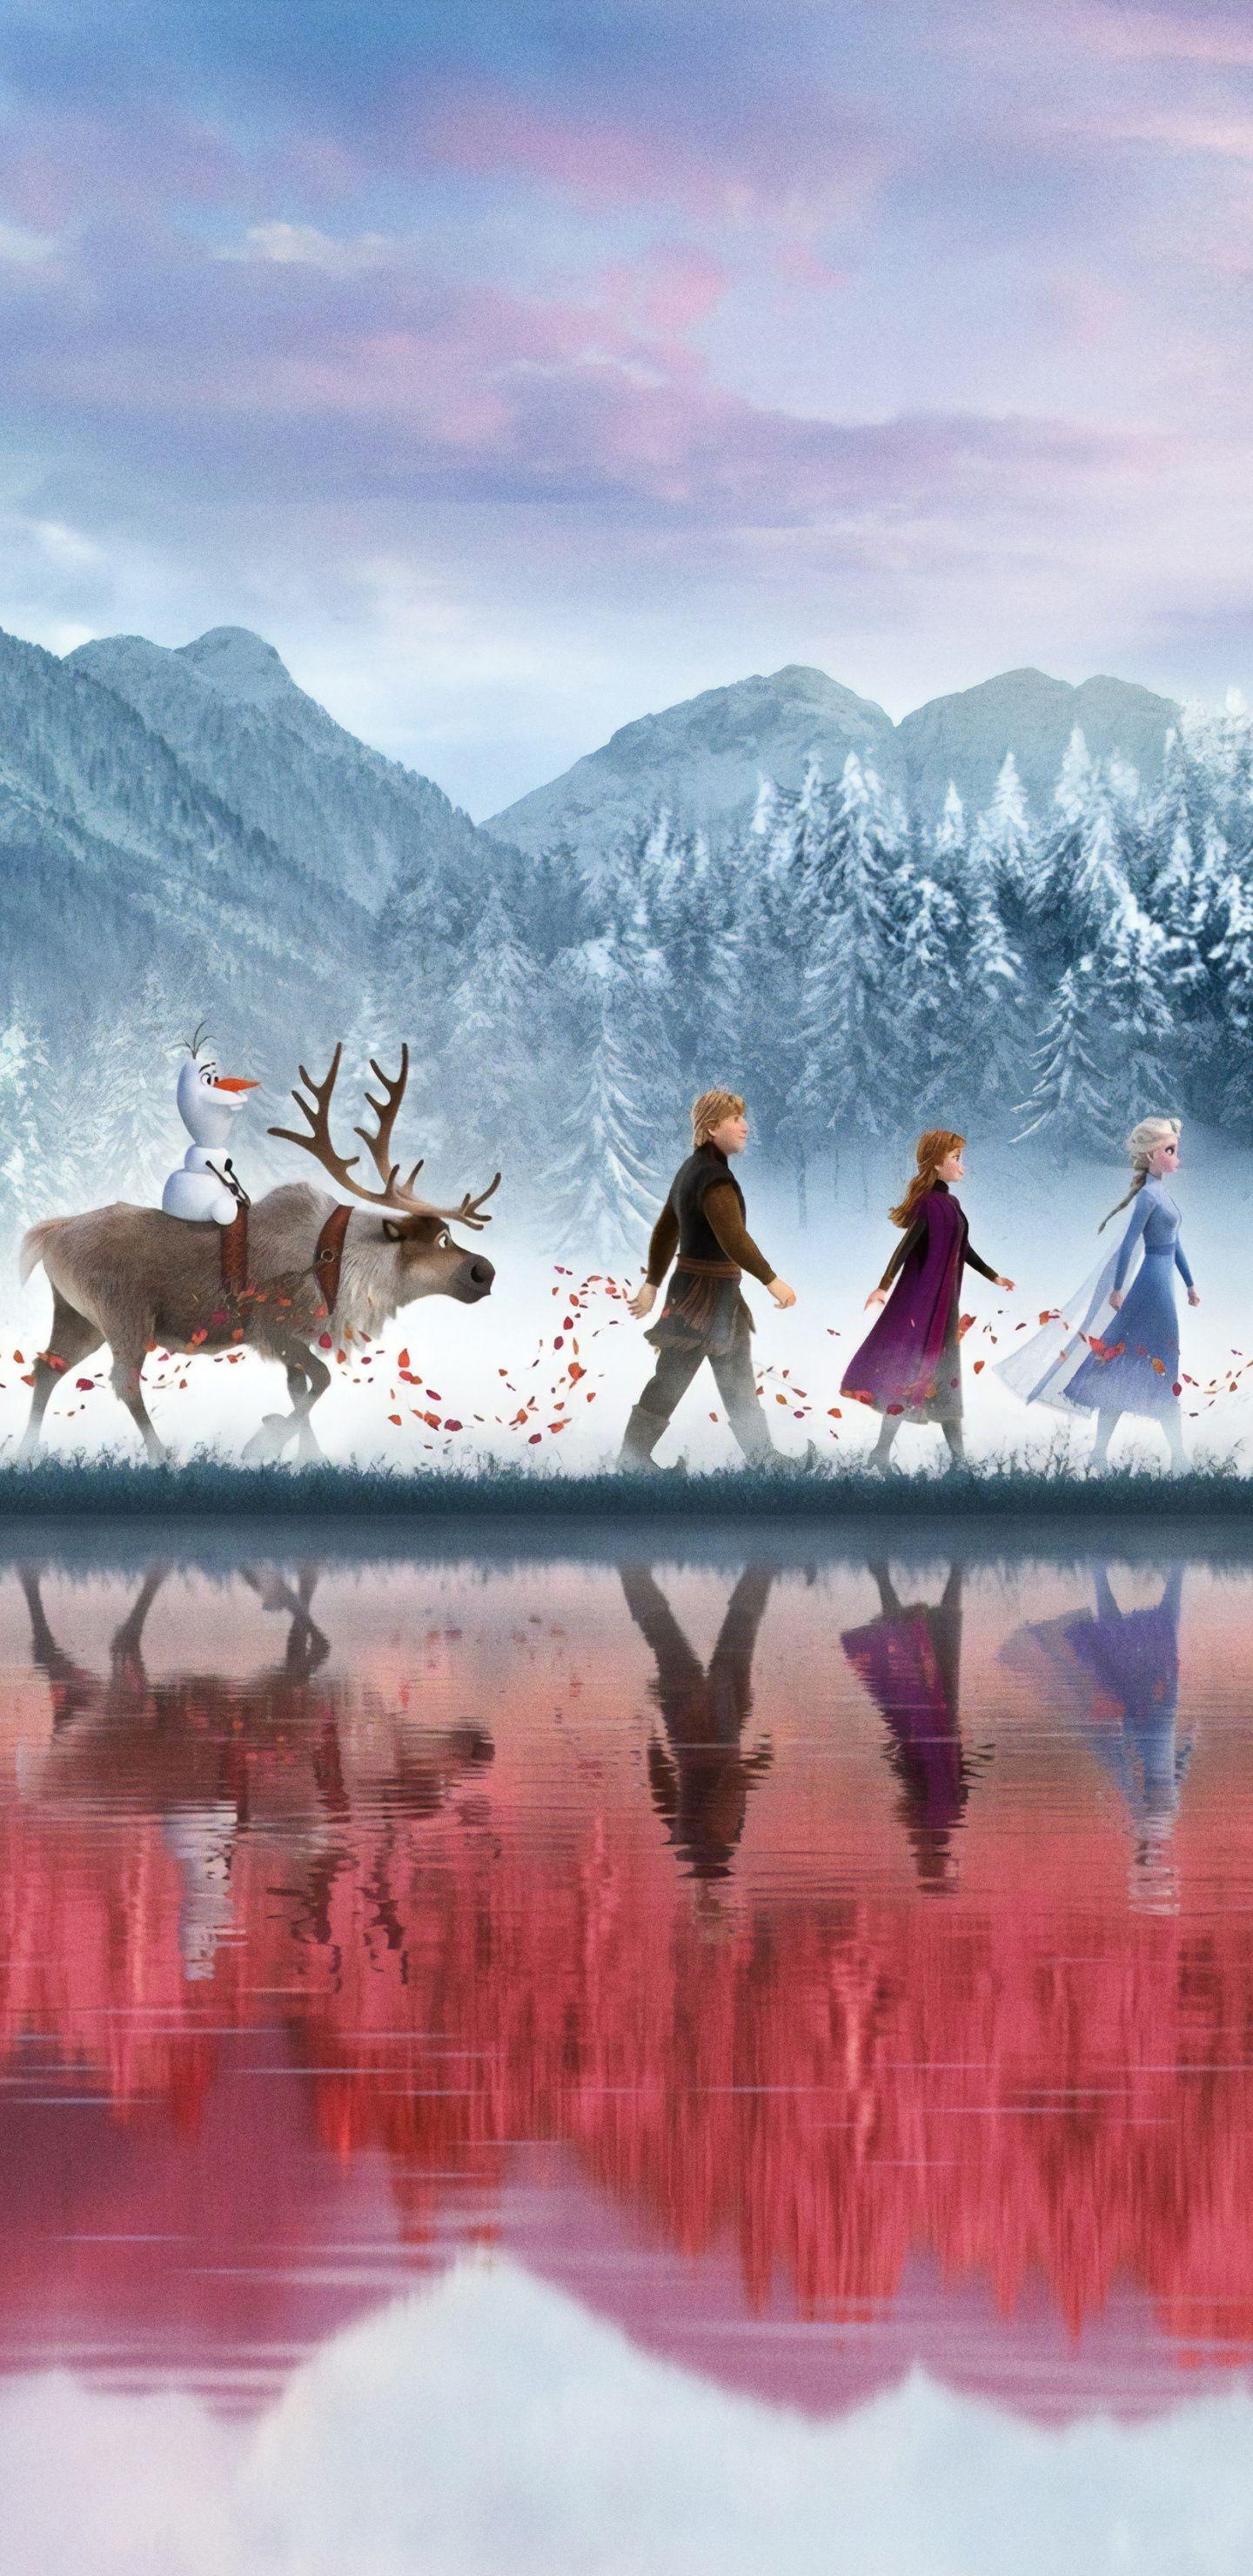 1440x2960 Frozen 2 Outdoor Movie Animation 2019